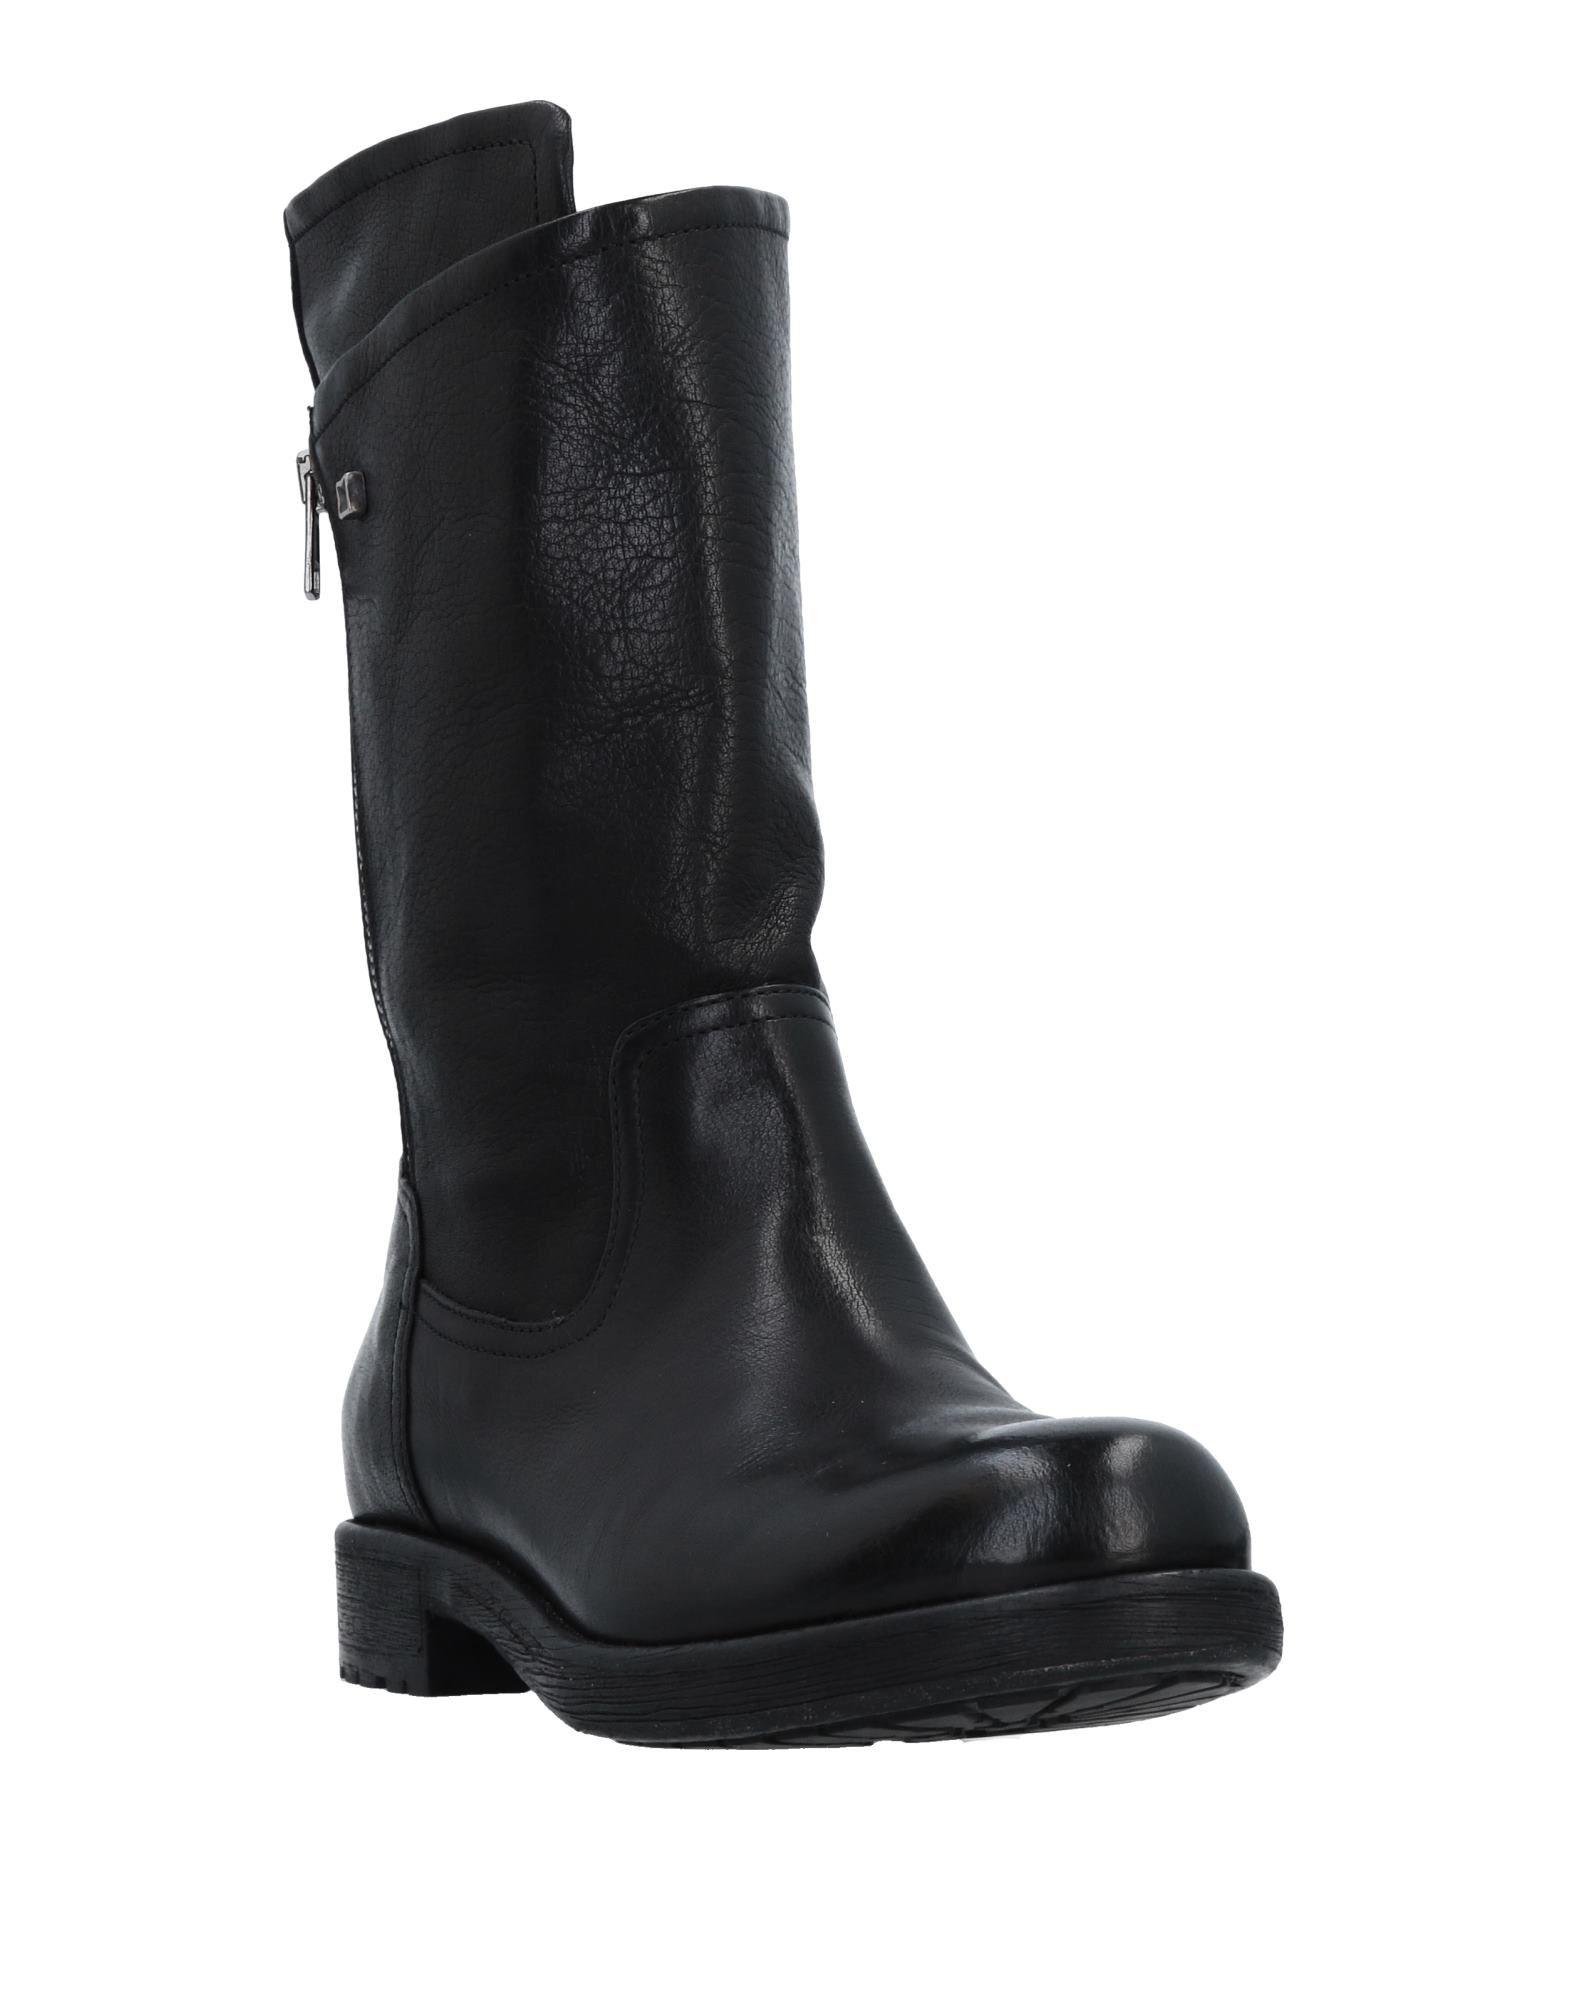 Damen Fru.It Stiefel Damen   11512323GD Heiße Schuhe 93a2bc